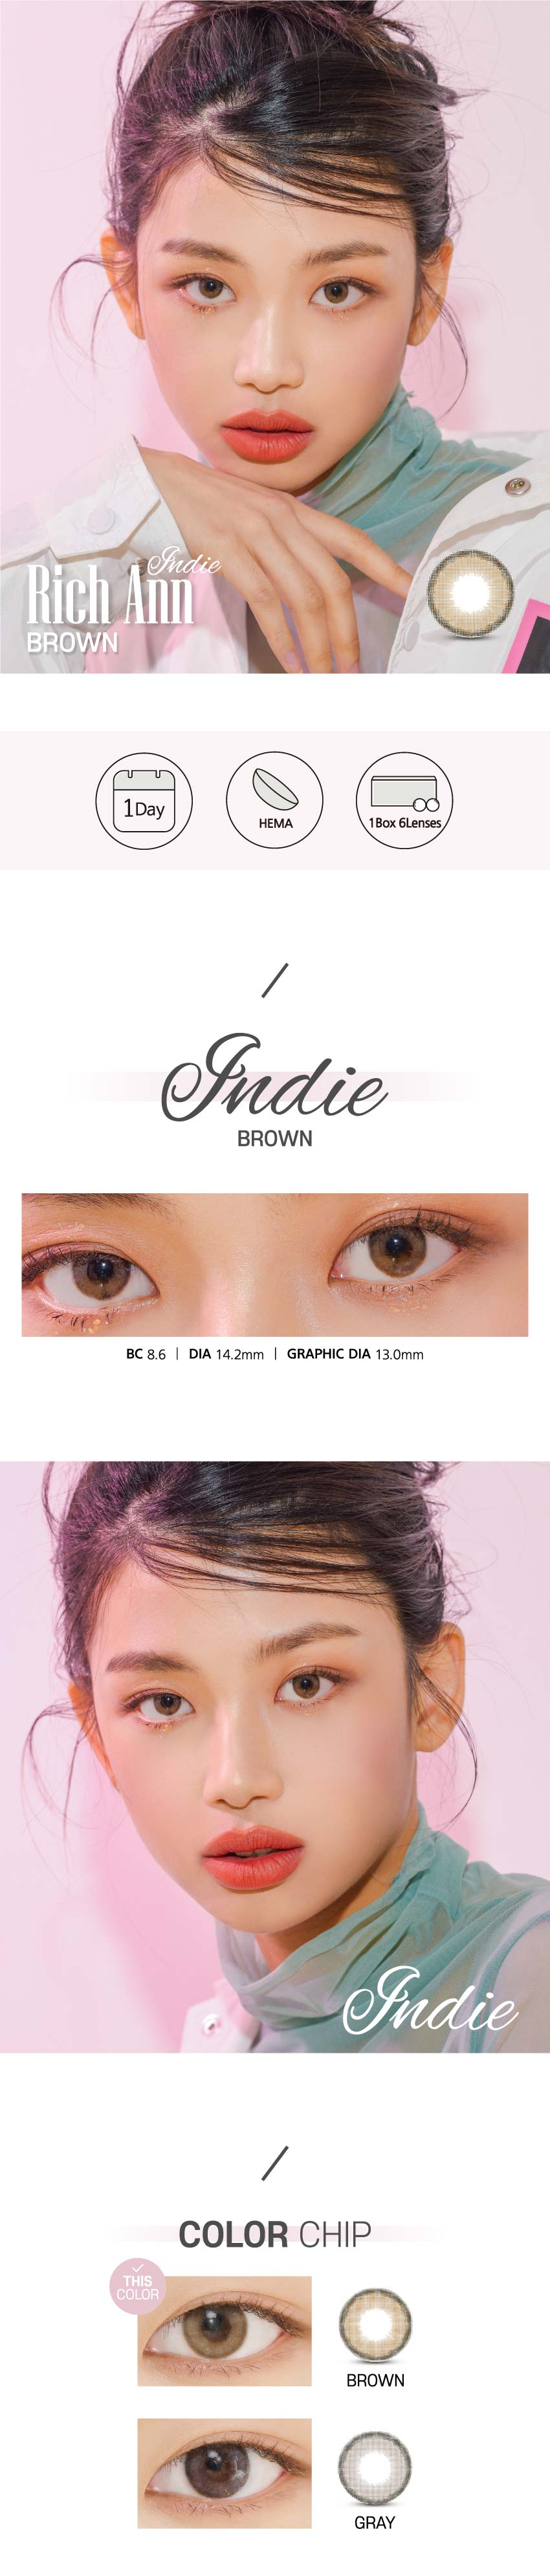 rich-ann-indie-brown-korean-circle-lenses.jpg